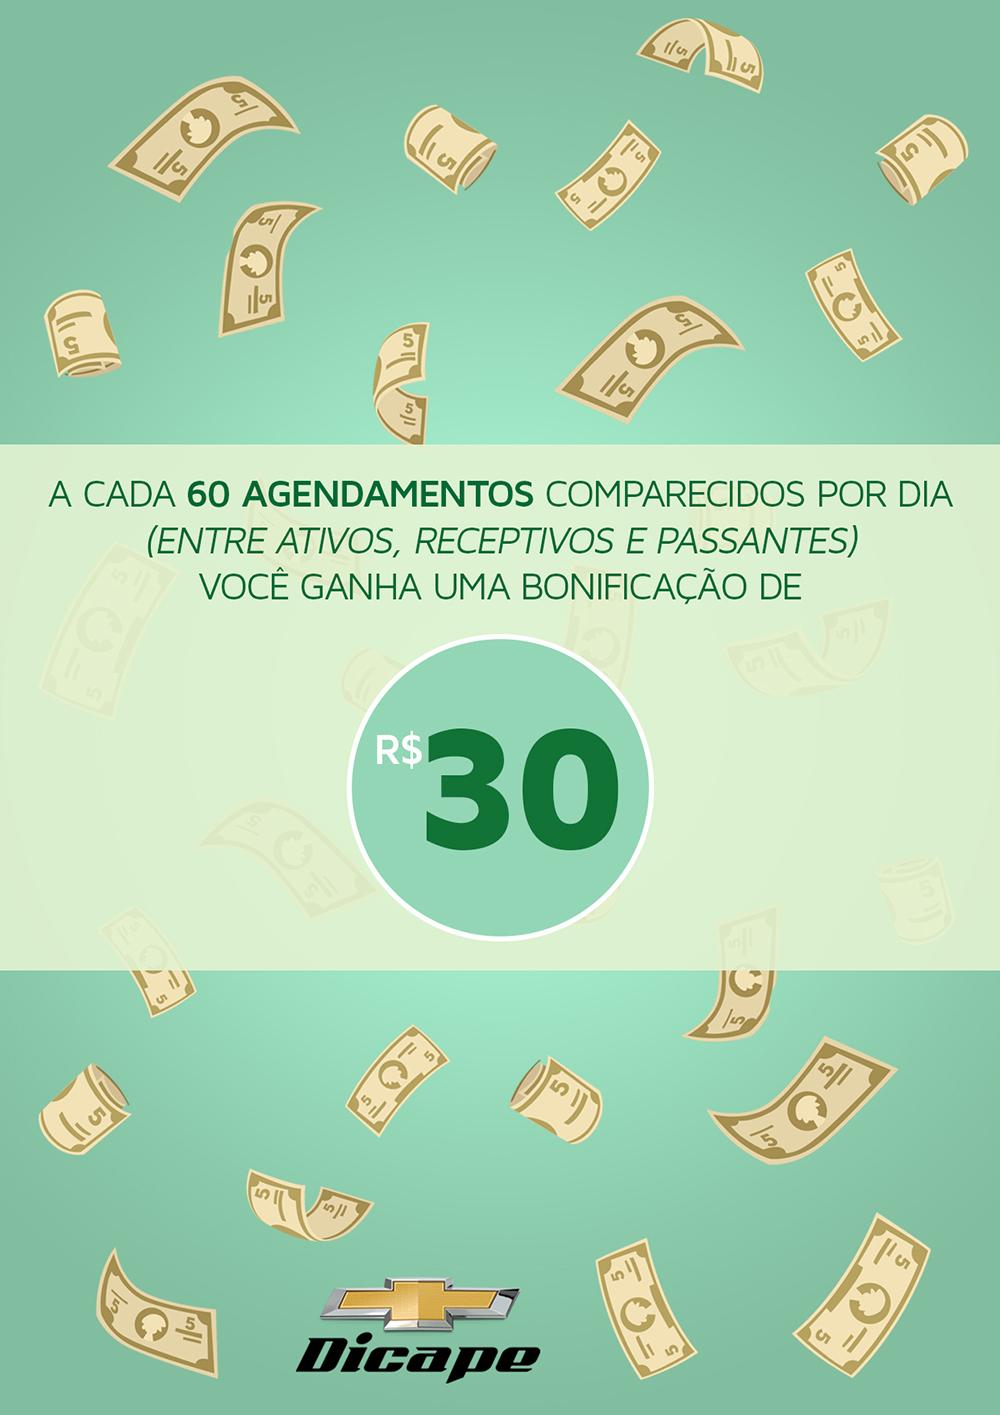 Dicape 30 reais